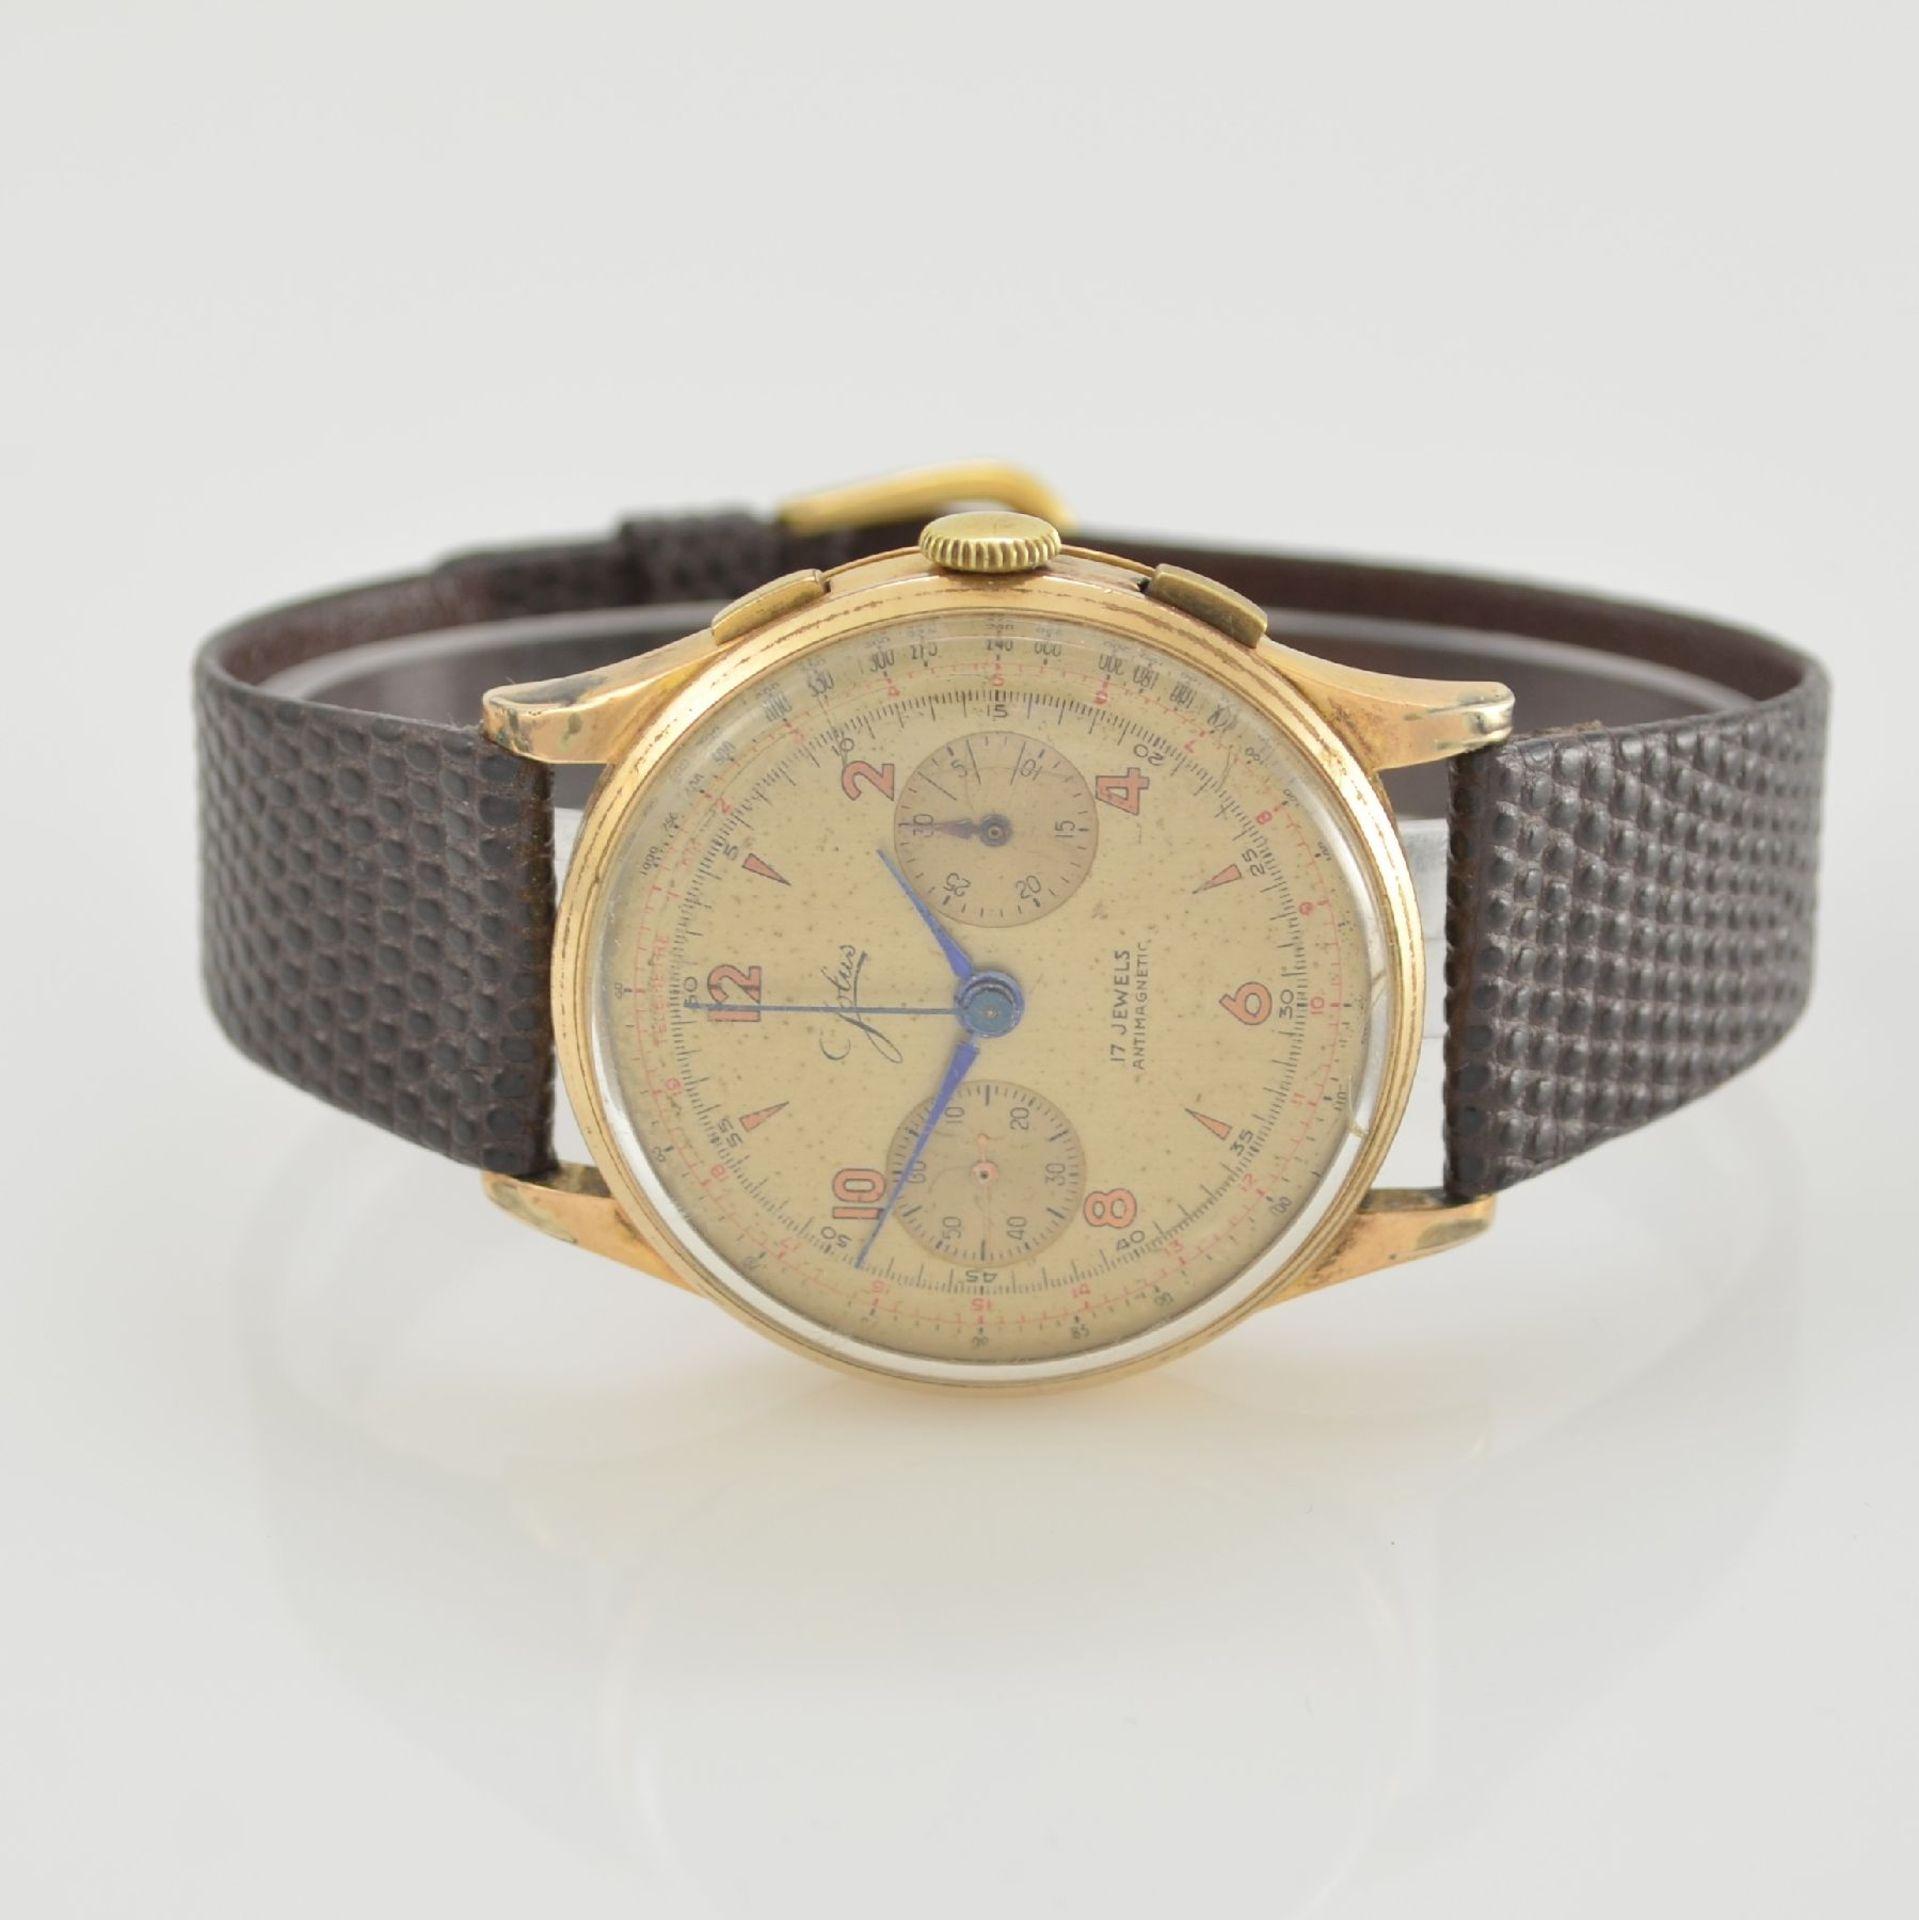 JOLUS Armbandchronograph in RoseG 750/000, Handaufzug, Schweiz um 1948, Boden & verg. Glasrand